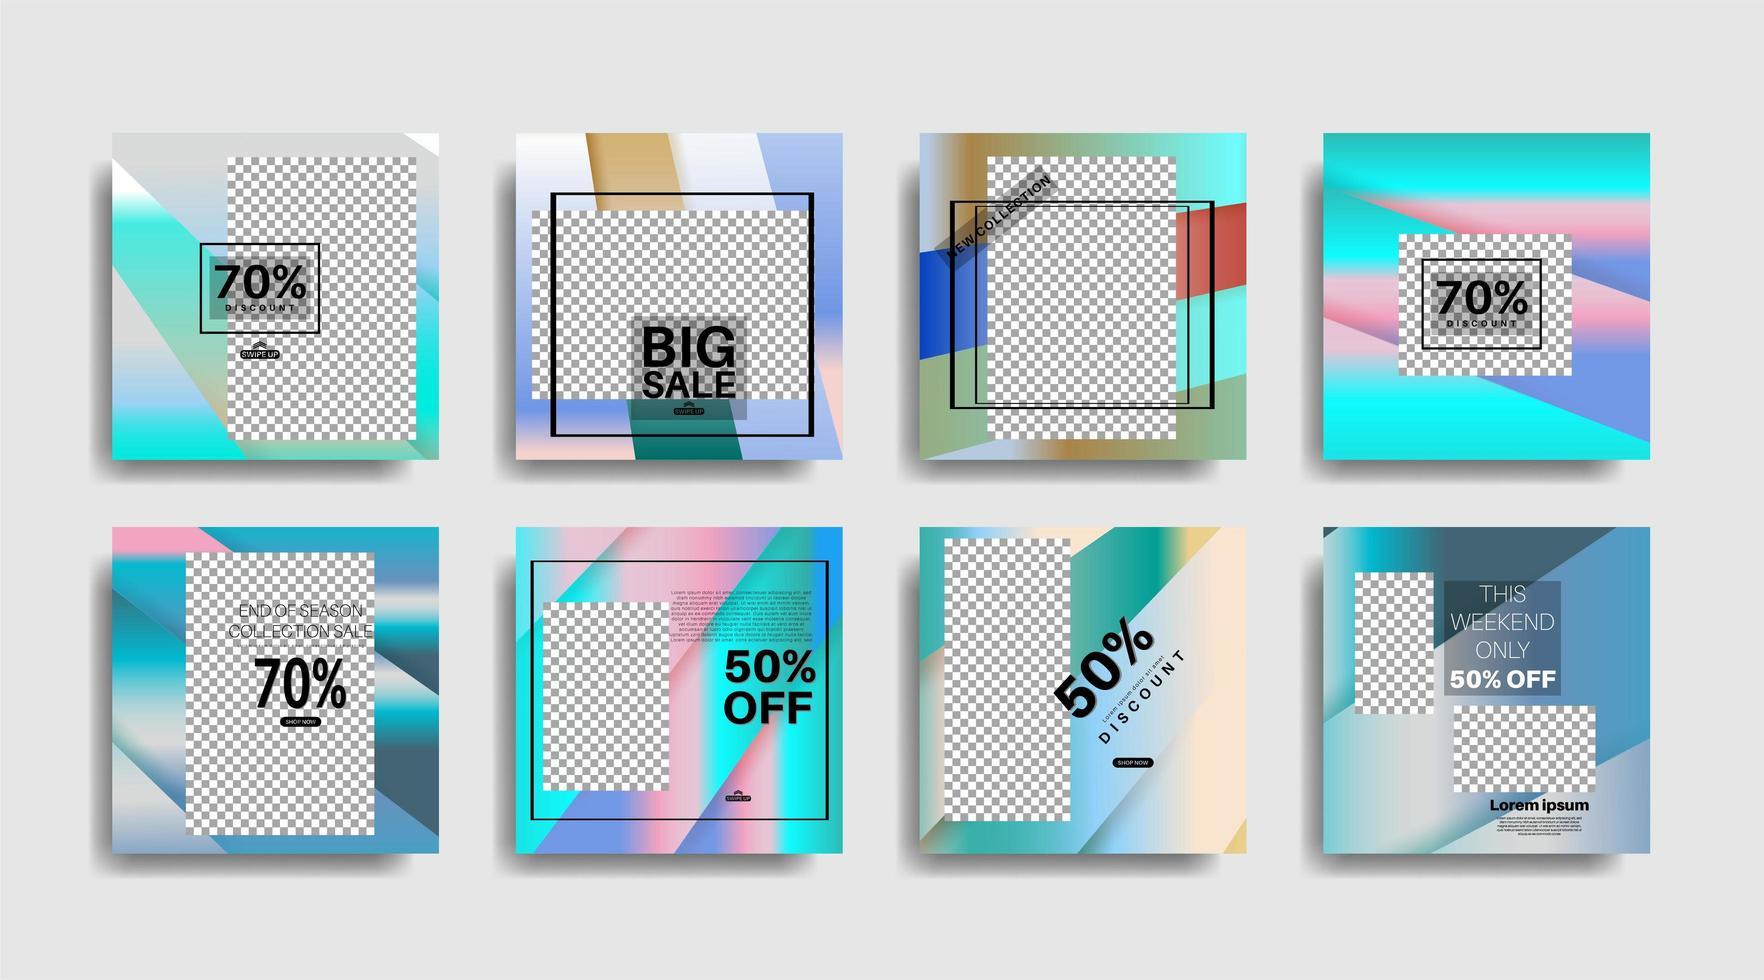 banner web cuadrado de promoción moderna para redes sociales. diseño vectorial vector